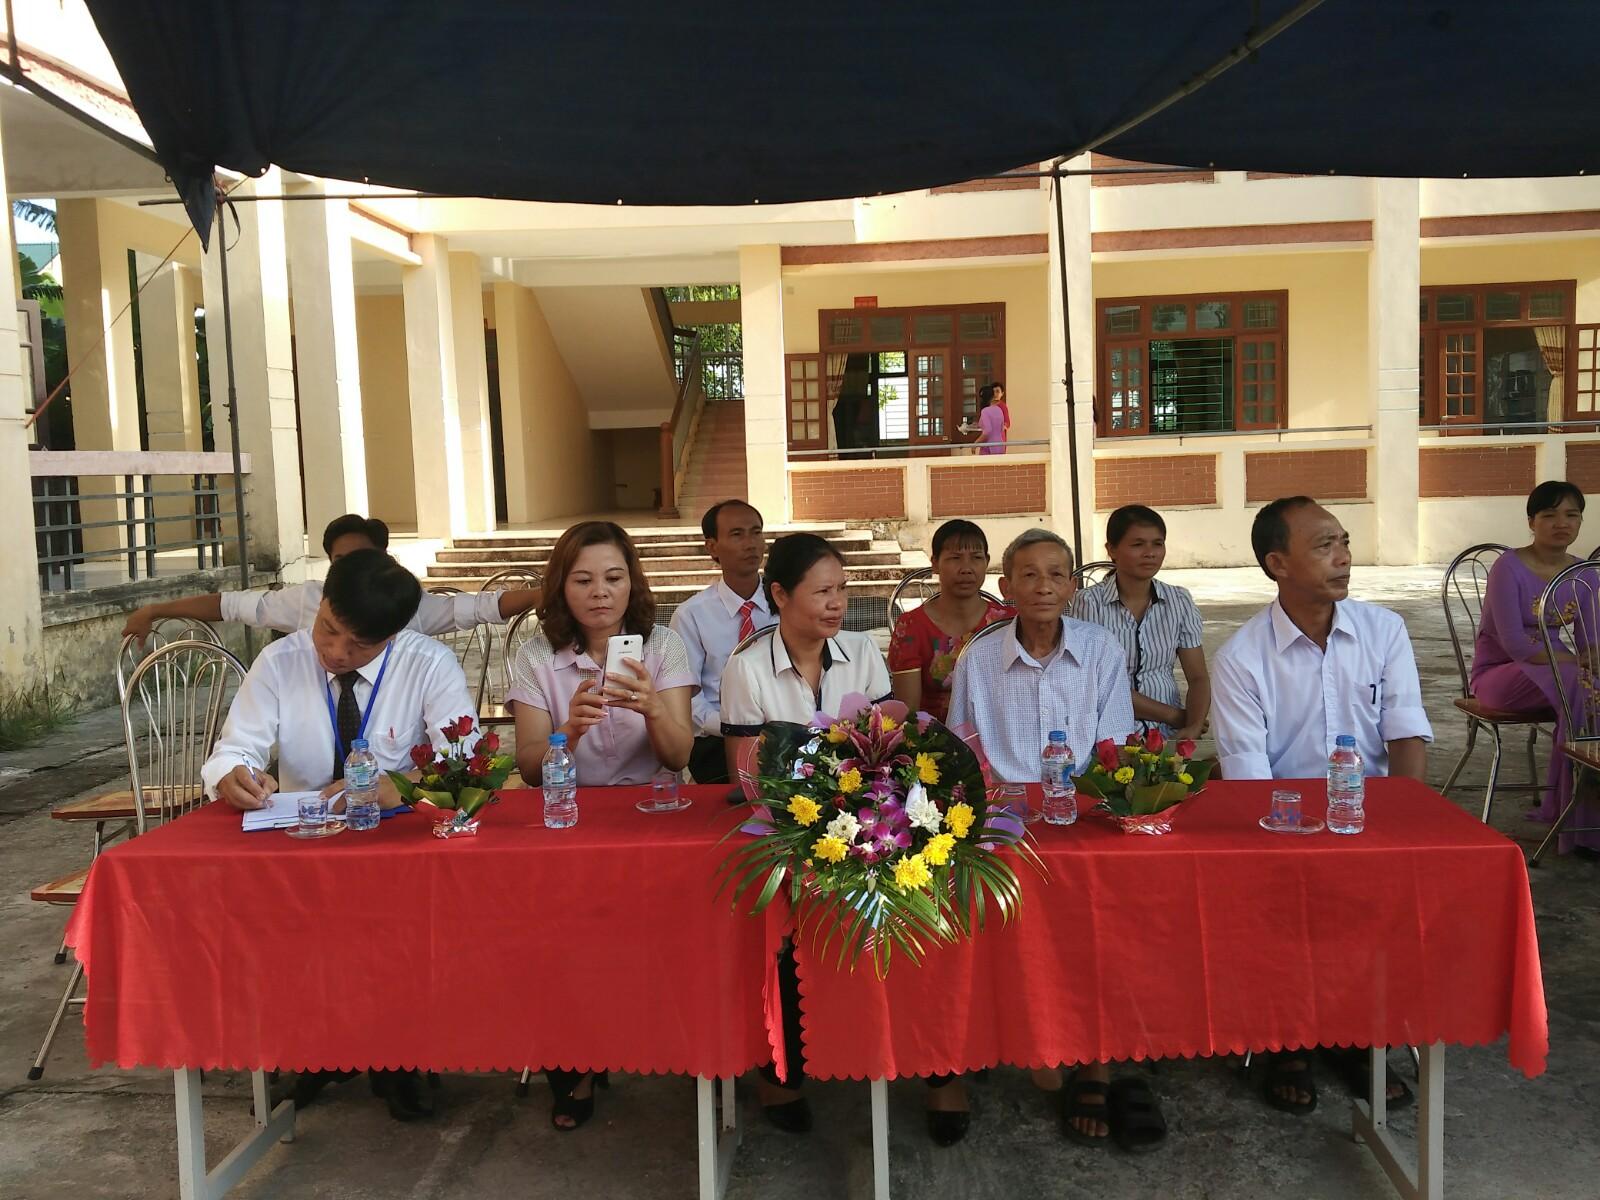 Lãnh đạo Đảng, HĐND, UBND, các ban ngành đoàn thể xã Liêm Thuận về dự buổi lễ khai giảng